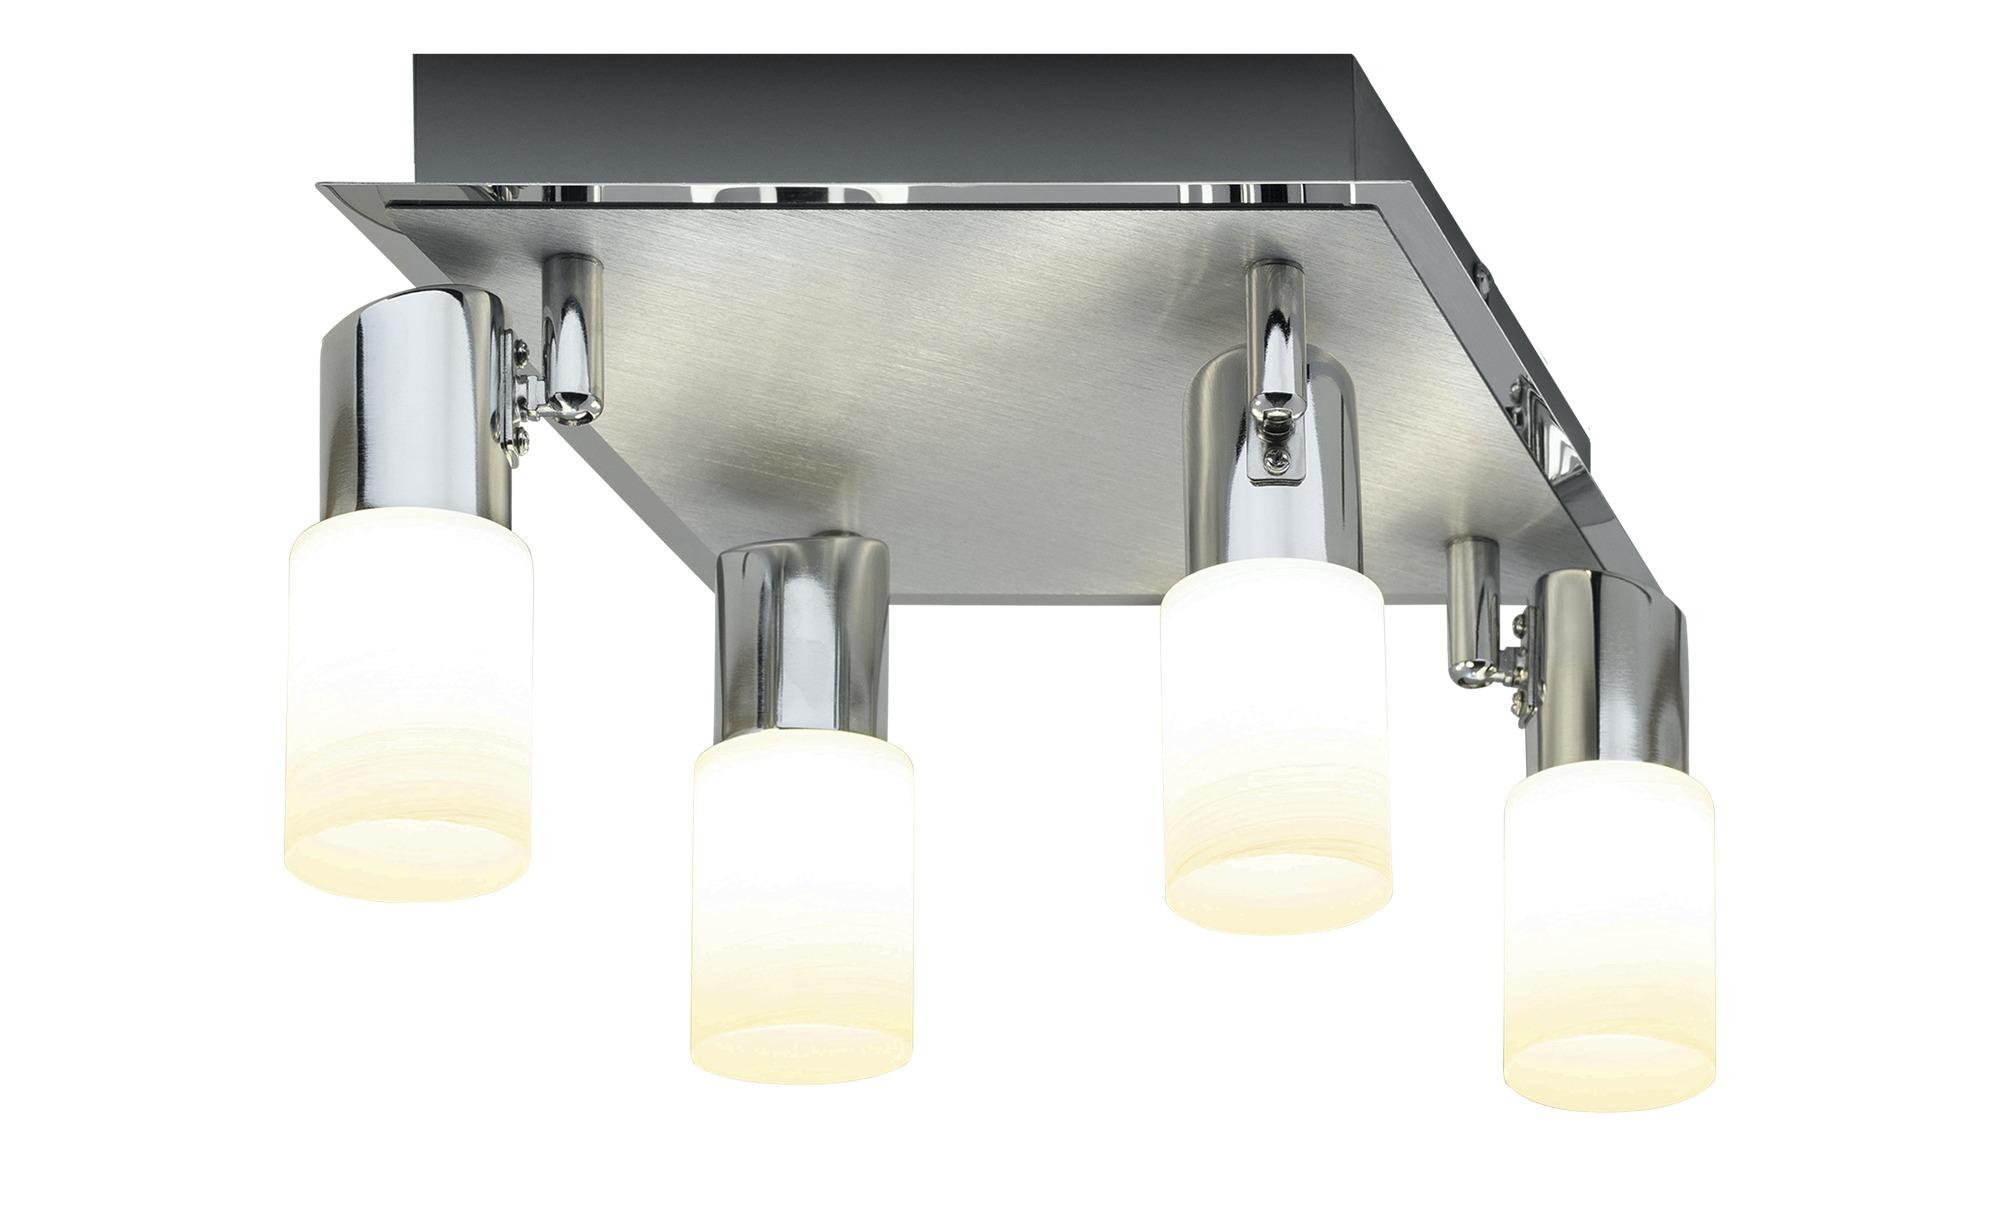 Trio LED-Deckenstrahler quadratisch 4-flammig ¦ silber ¦ Maße (cm): B: 23 H: 23 Lampen & Leuchten > LED-Leuchten > LED-Strahler & Spots - Höffner